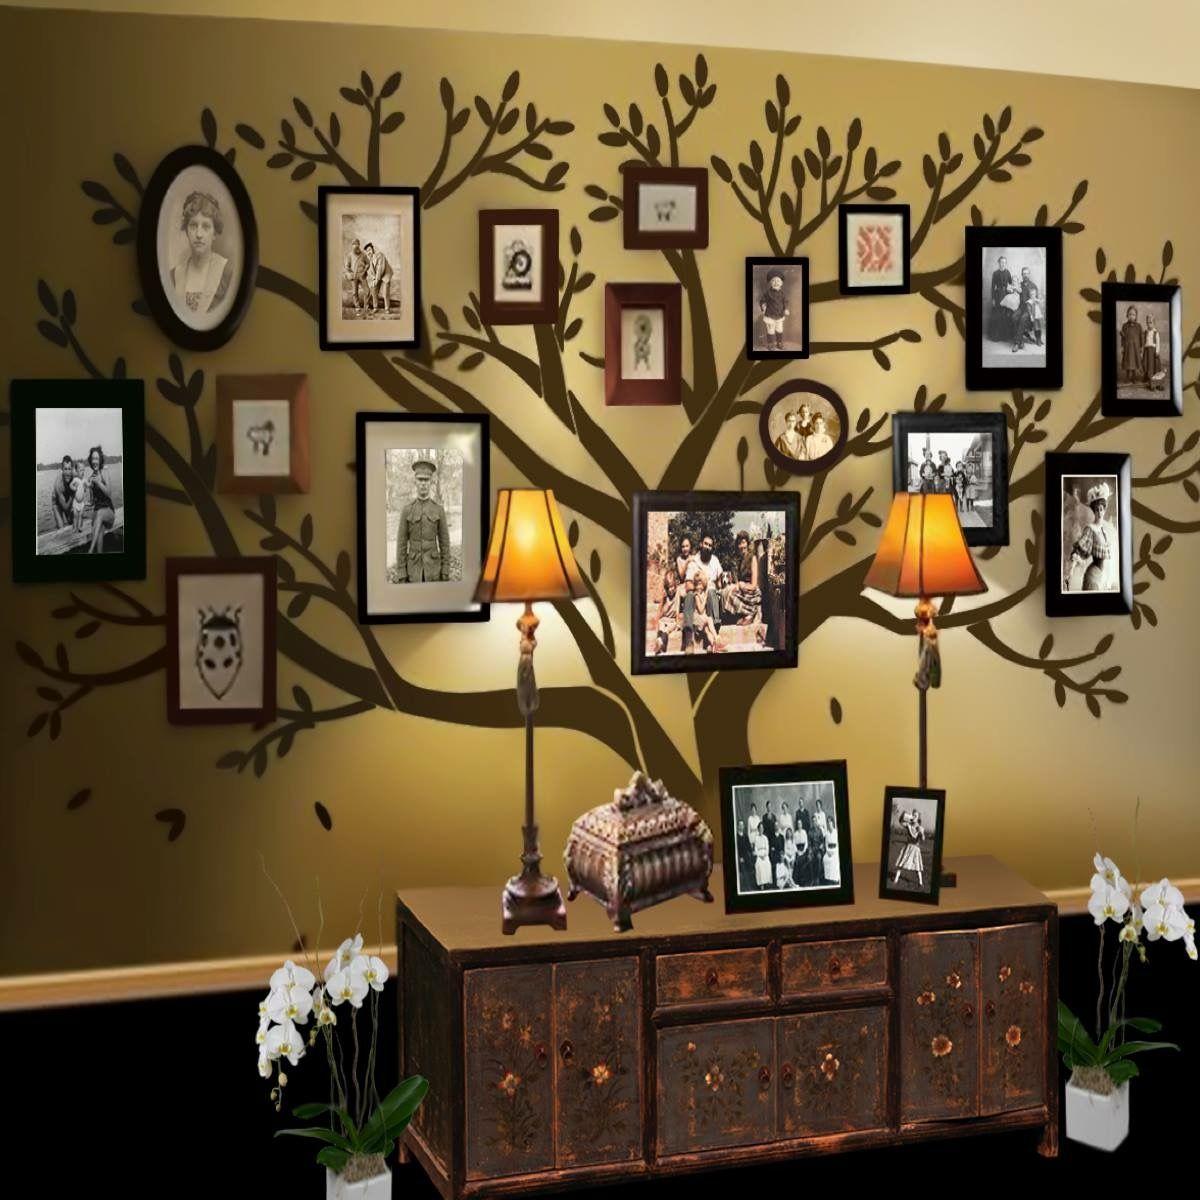 Attraktiv Collage Ideen Ideen Von Projekte, Baum Wandbilder, Wandbilder, Baum Wandtattoo, Familienzimmer,